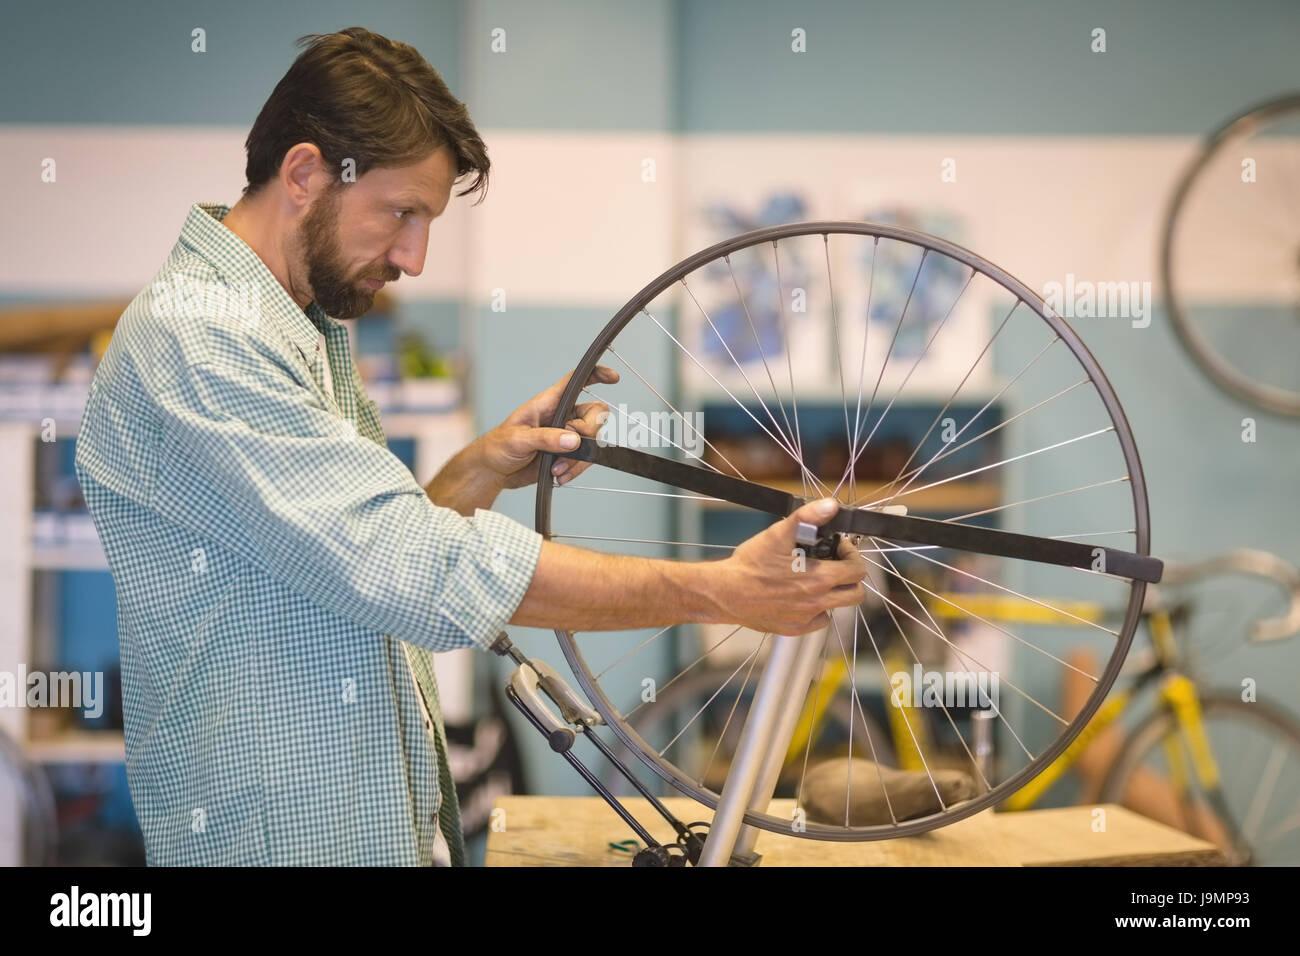 Vista laterale del lavoratore focalizzato la riparazione della ruota in corrispondenza vintage officina biciclette Immagini Stock